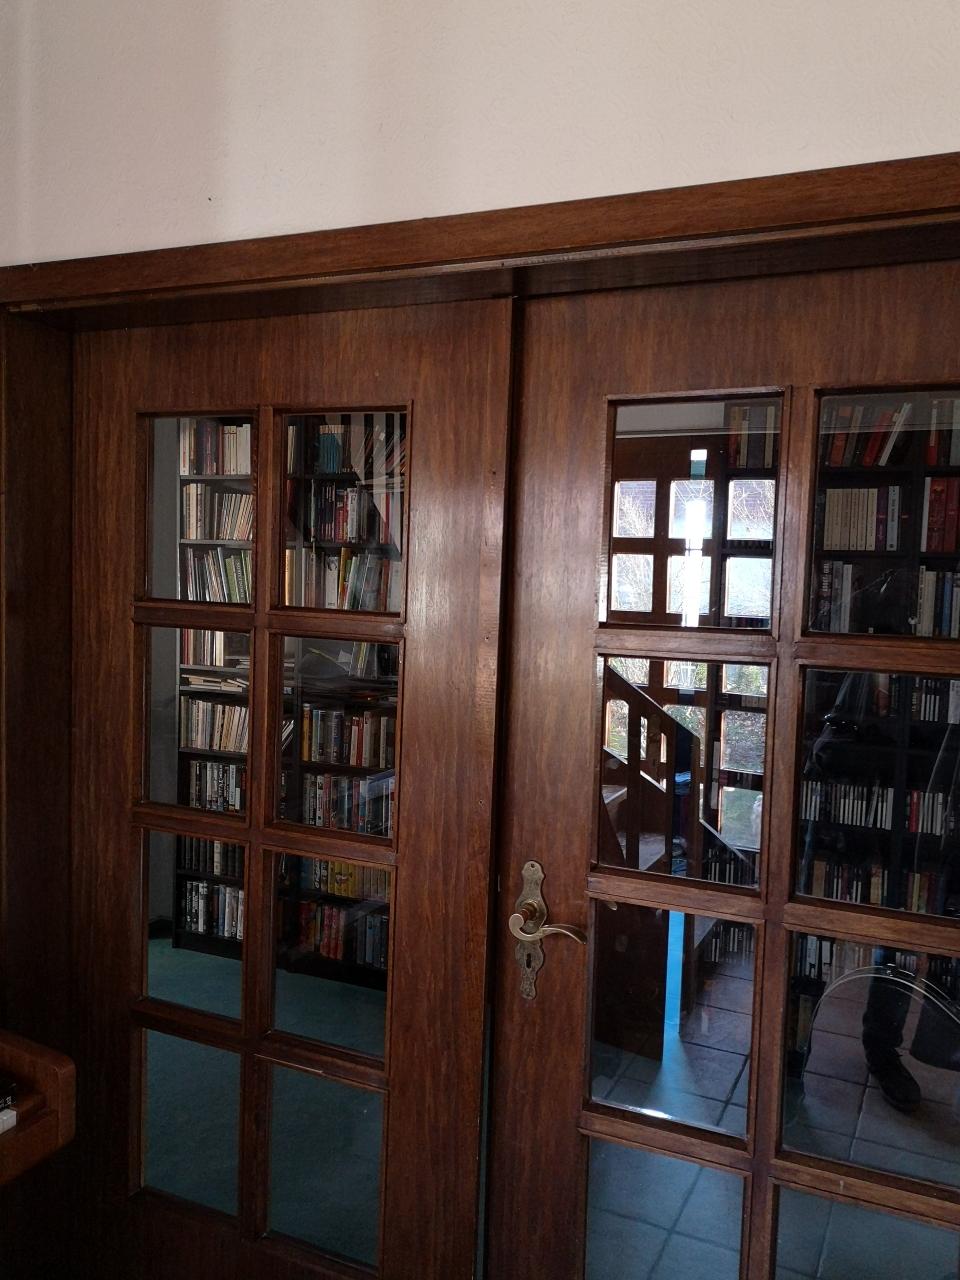 Rustikale Türen prägen das Ambiente und tragen so zum Charme bei.